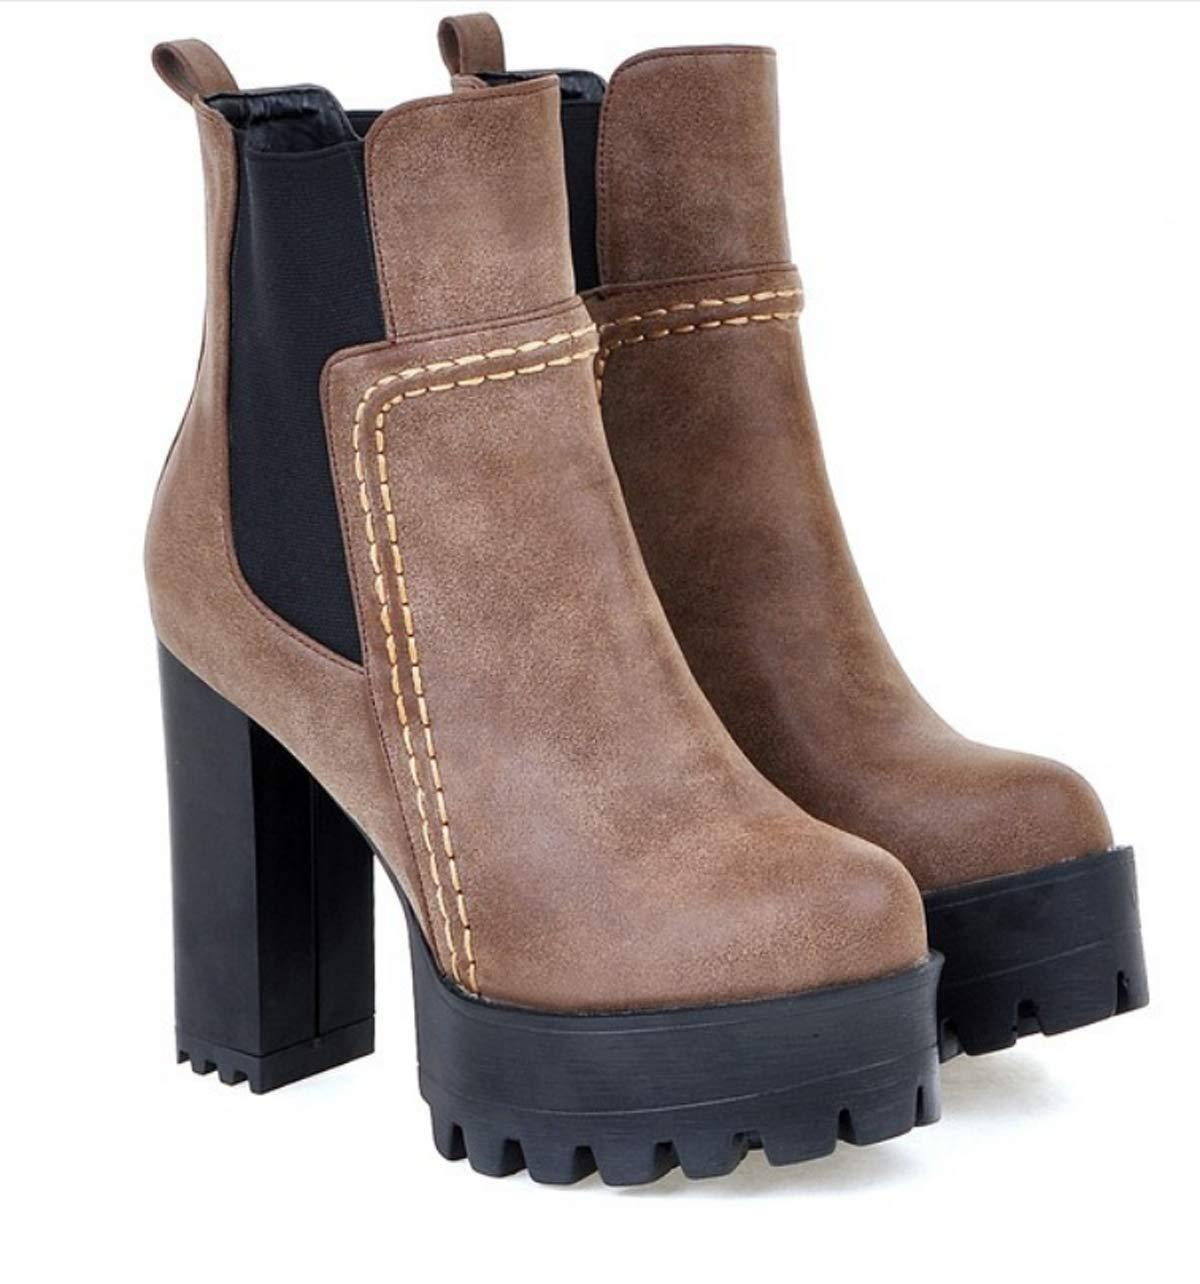 HBDLH Damenschuhe Harte Sohle 12Cm Hochhackigen Stiefeln Stiefeln Stiefeln Sexy. 3d0506